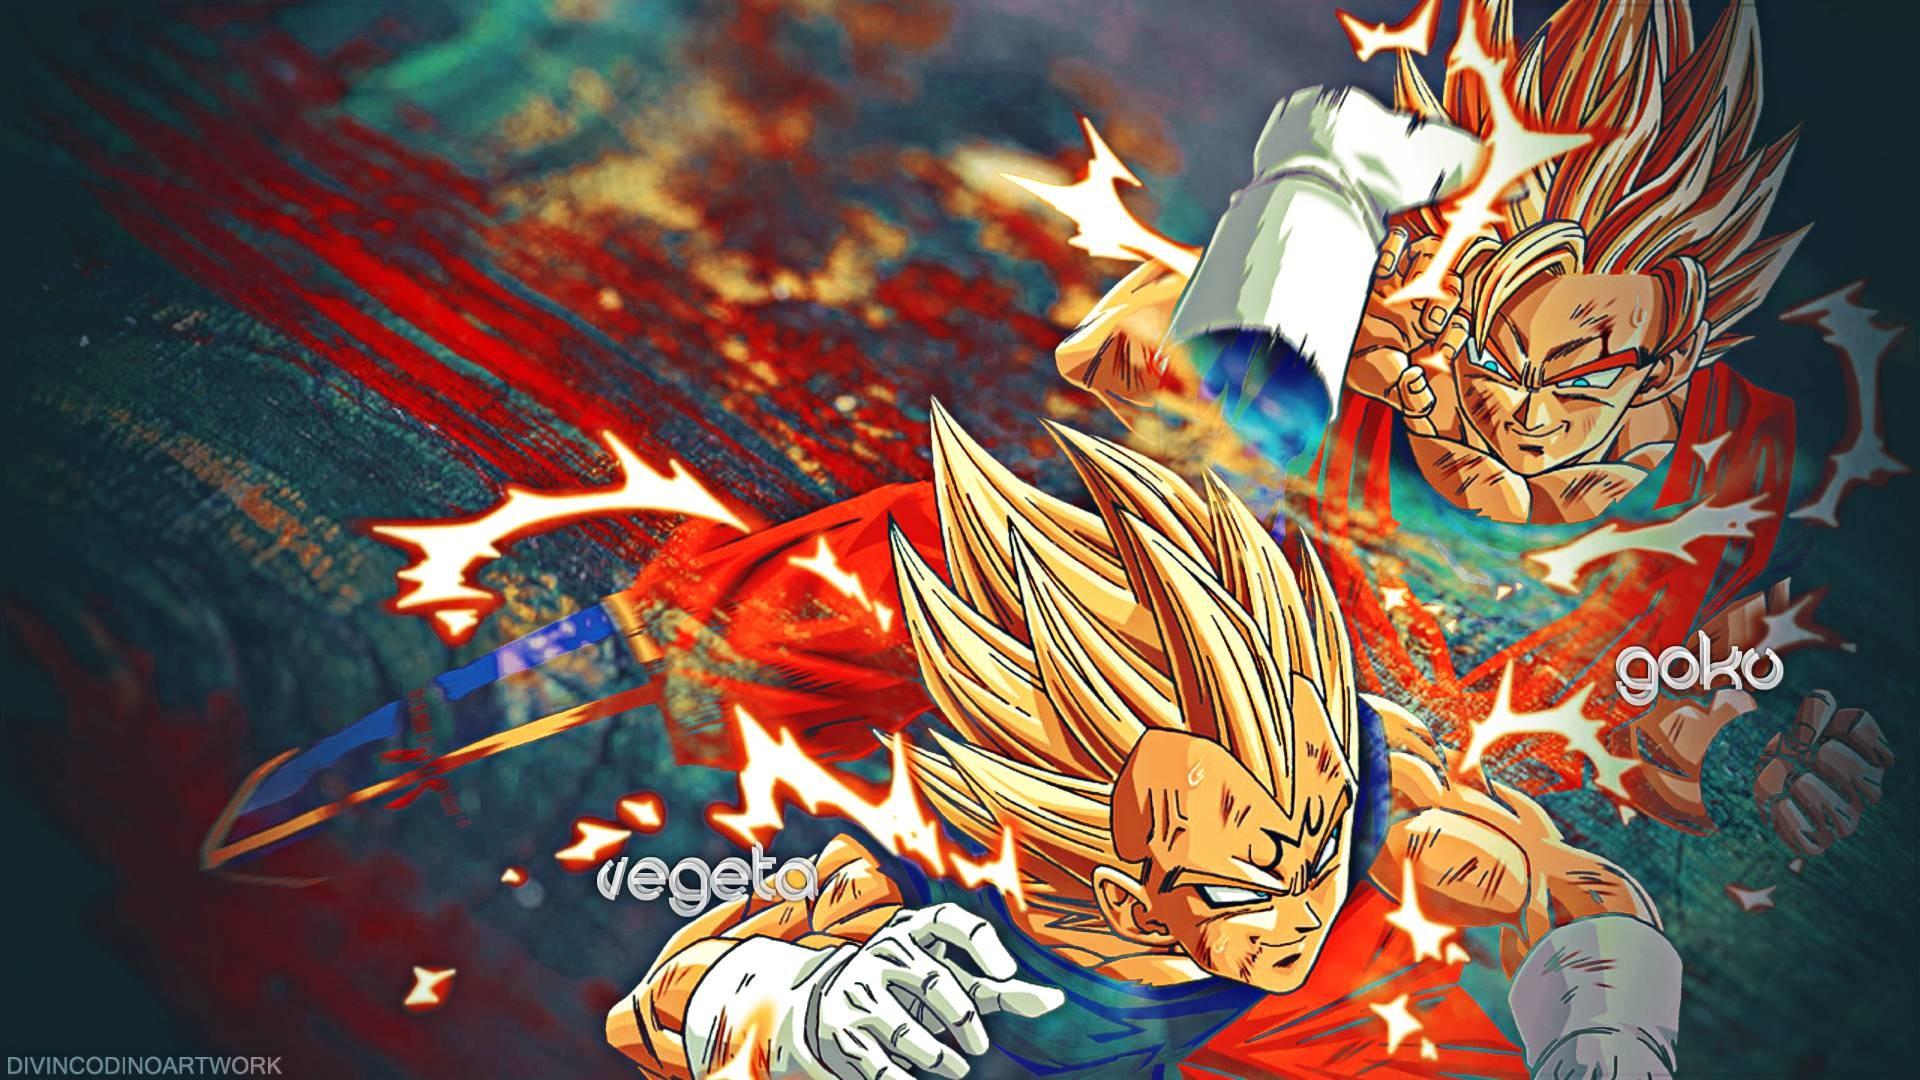 dragon ball z 7 – Dragon Ball Z Wallpaper